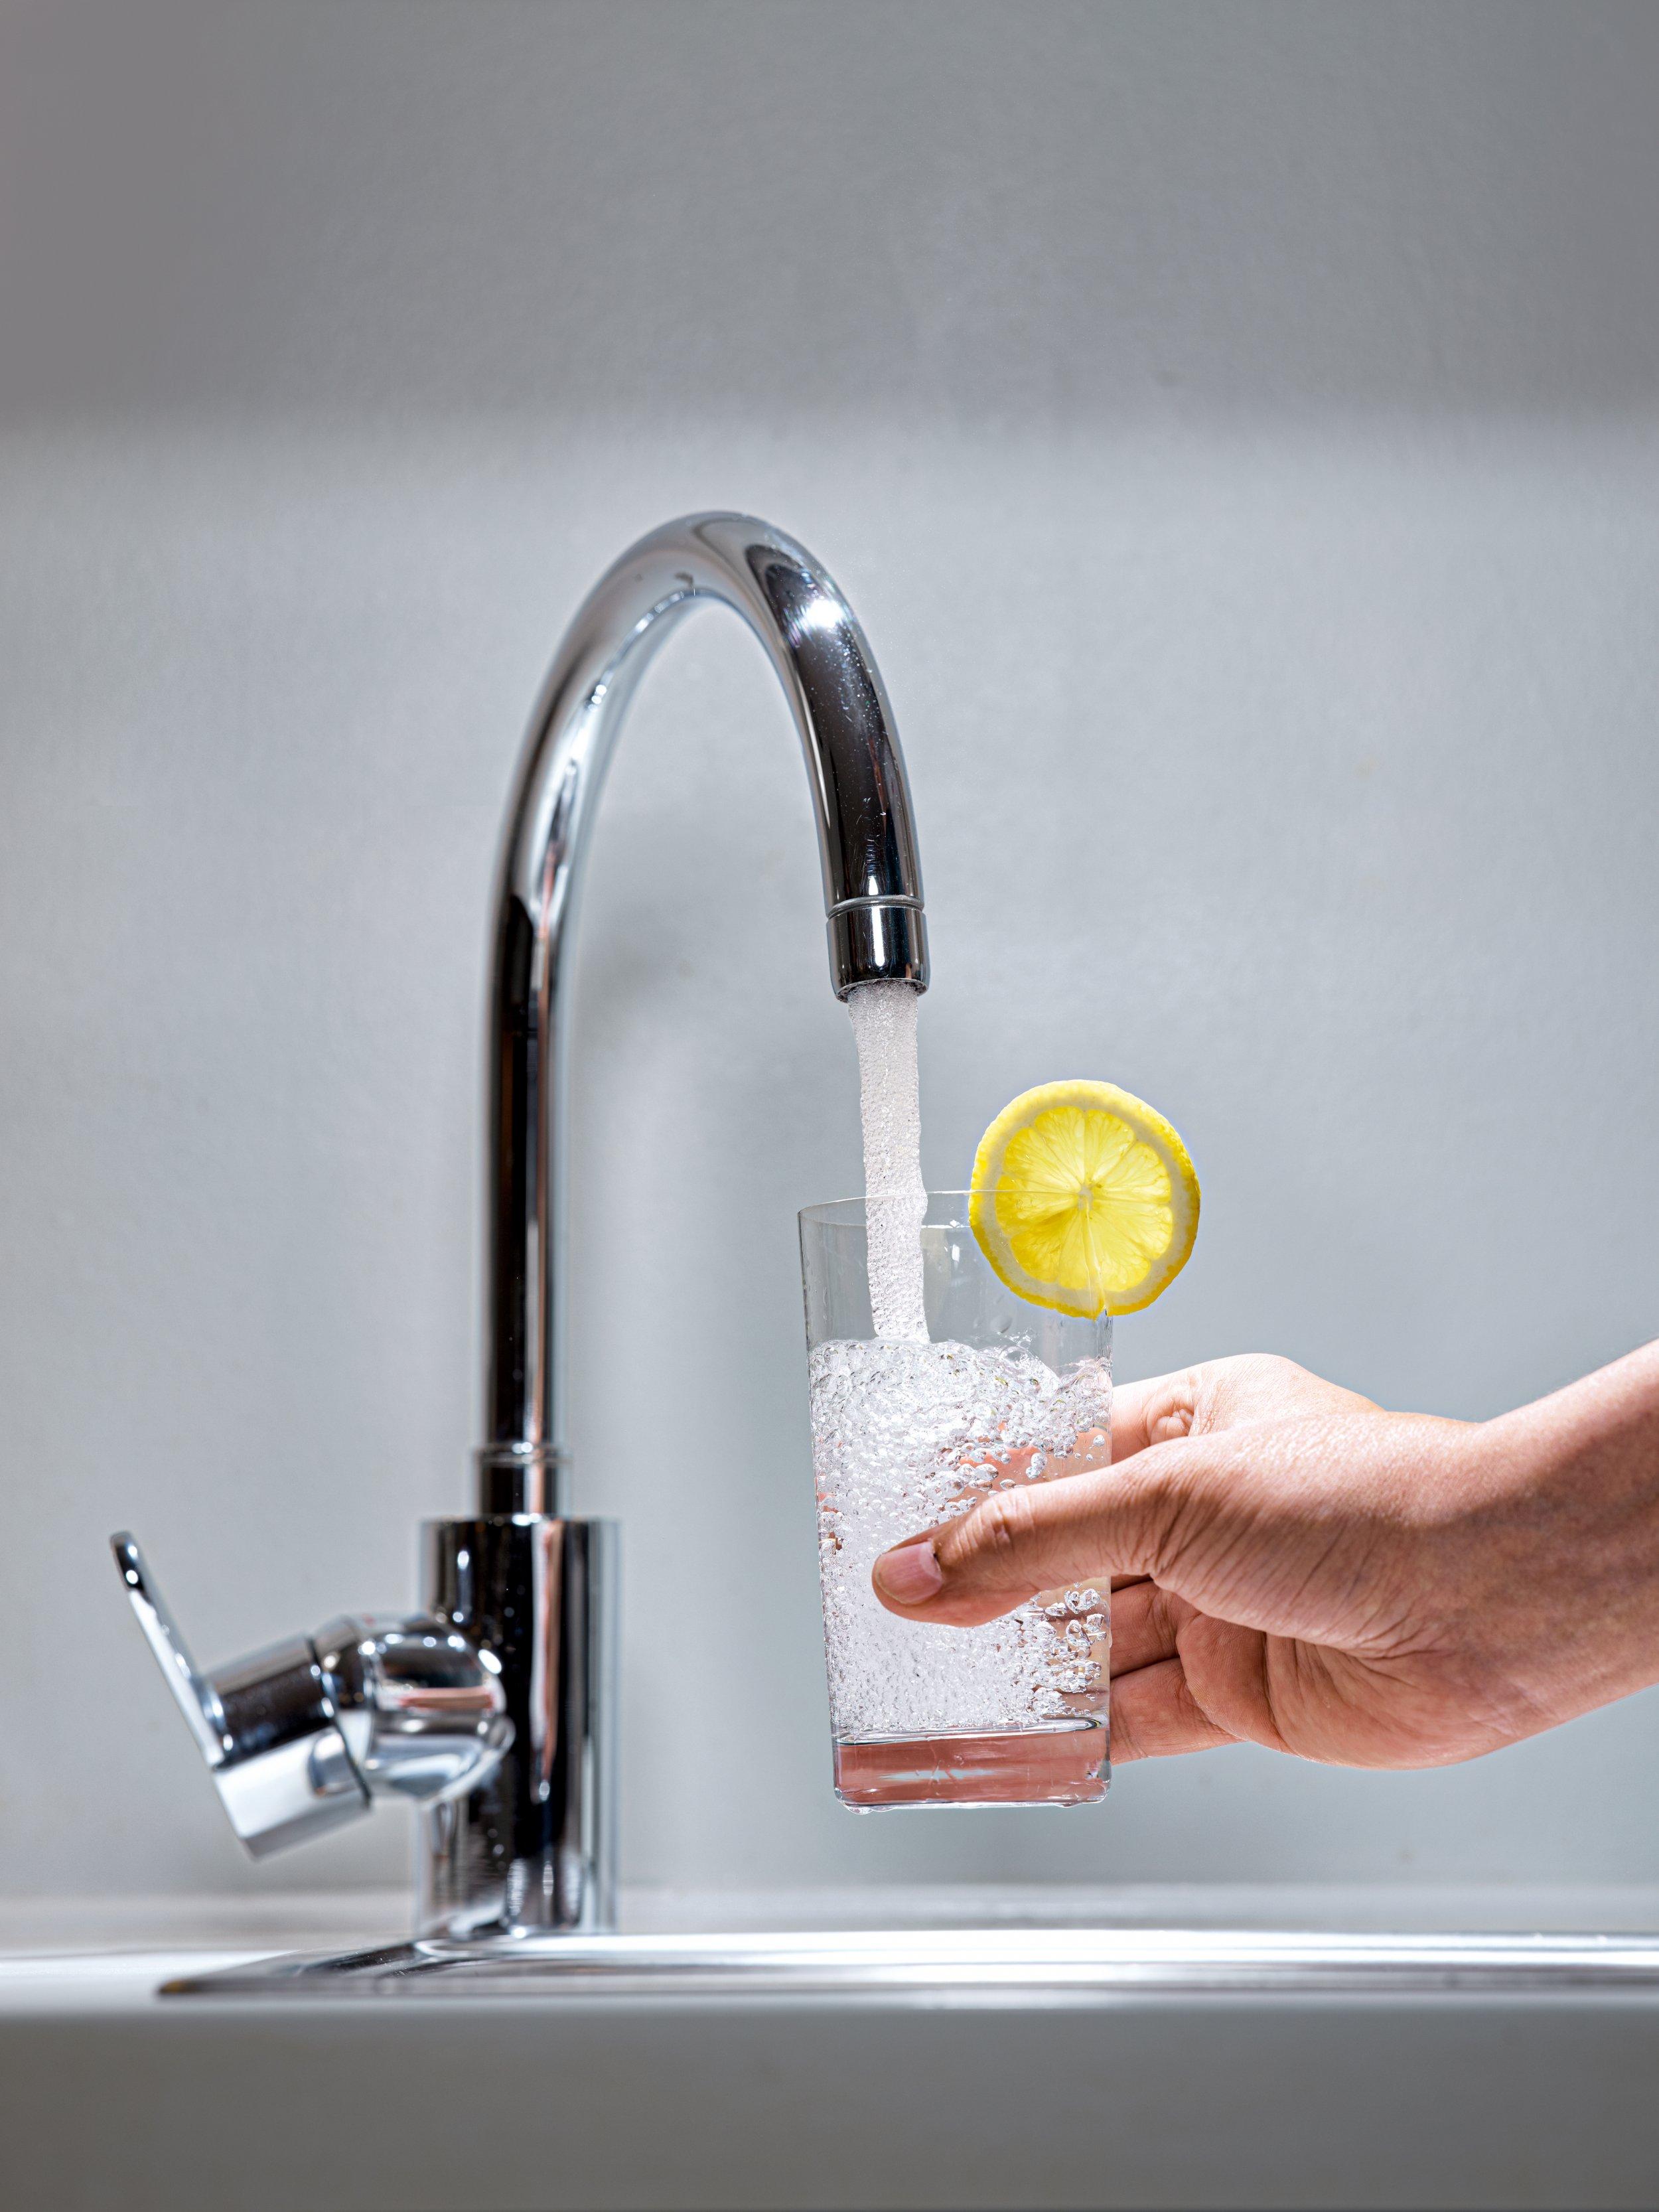 <p>LEITUNGSEBENE<br /> Die Wasserversorger sind für die Qualität bis zum Gebäudeanschluss zuständig – für ein sauberes Leitungssystem muss der Hauseigentümer sorgen</p>